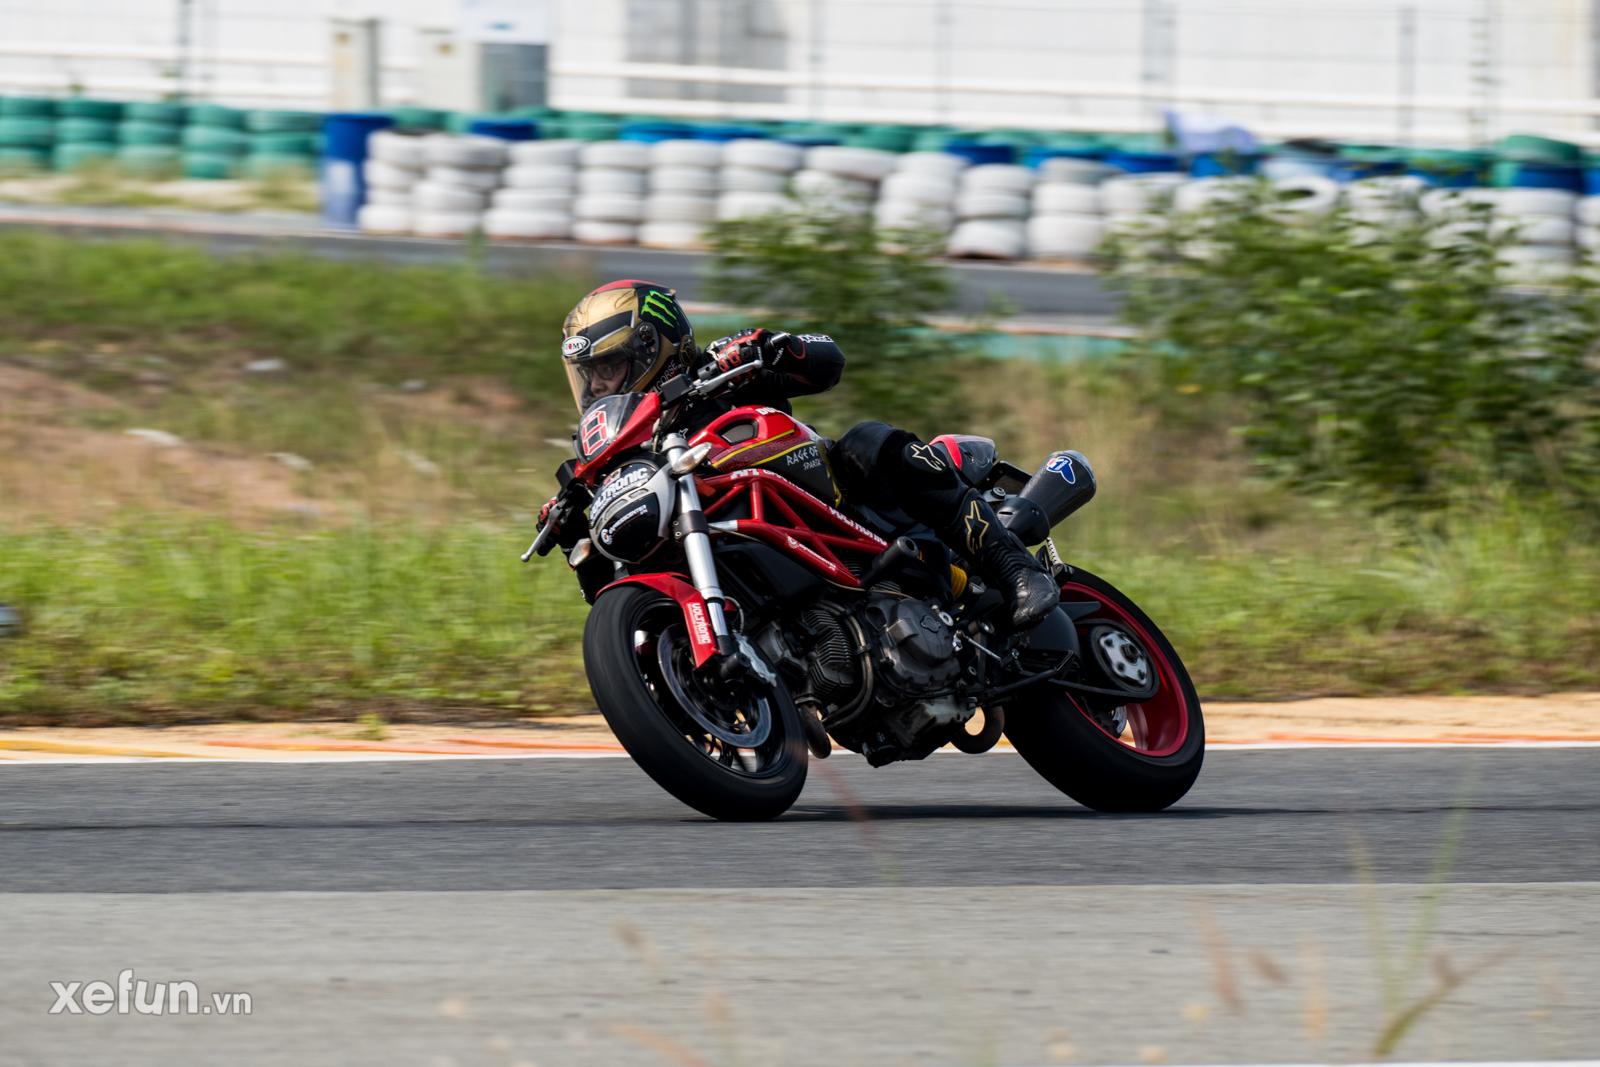 Các tay đua nài xe phân khối lớn PKL BMW S1000RR Ducati Monster Kawasaki Ninja ZX10R tại Trường đua Đại Nam trên Xefun (63)4354